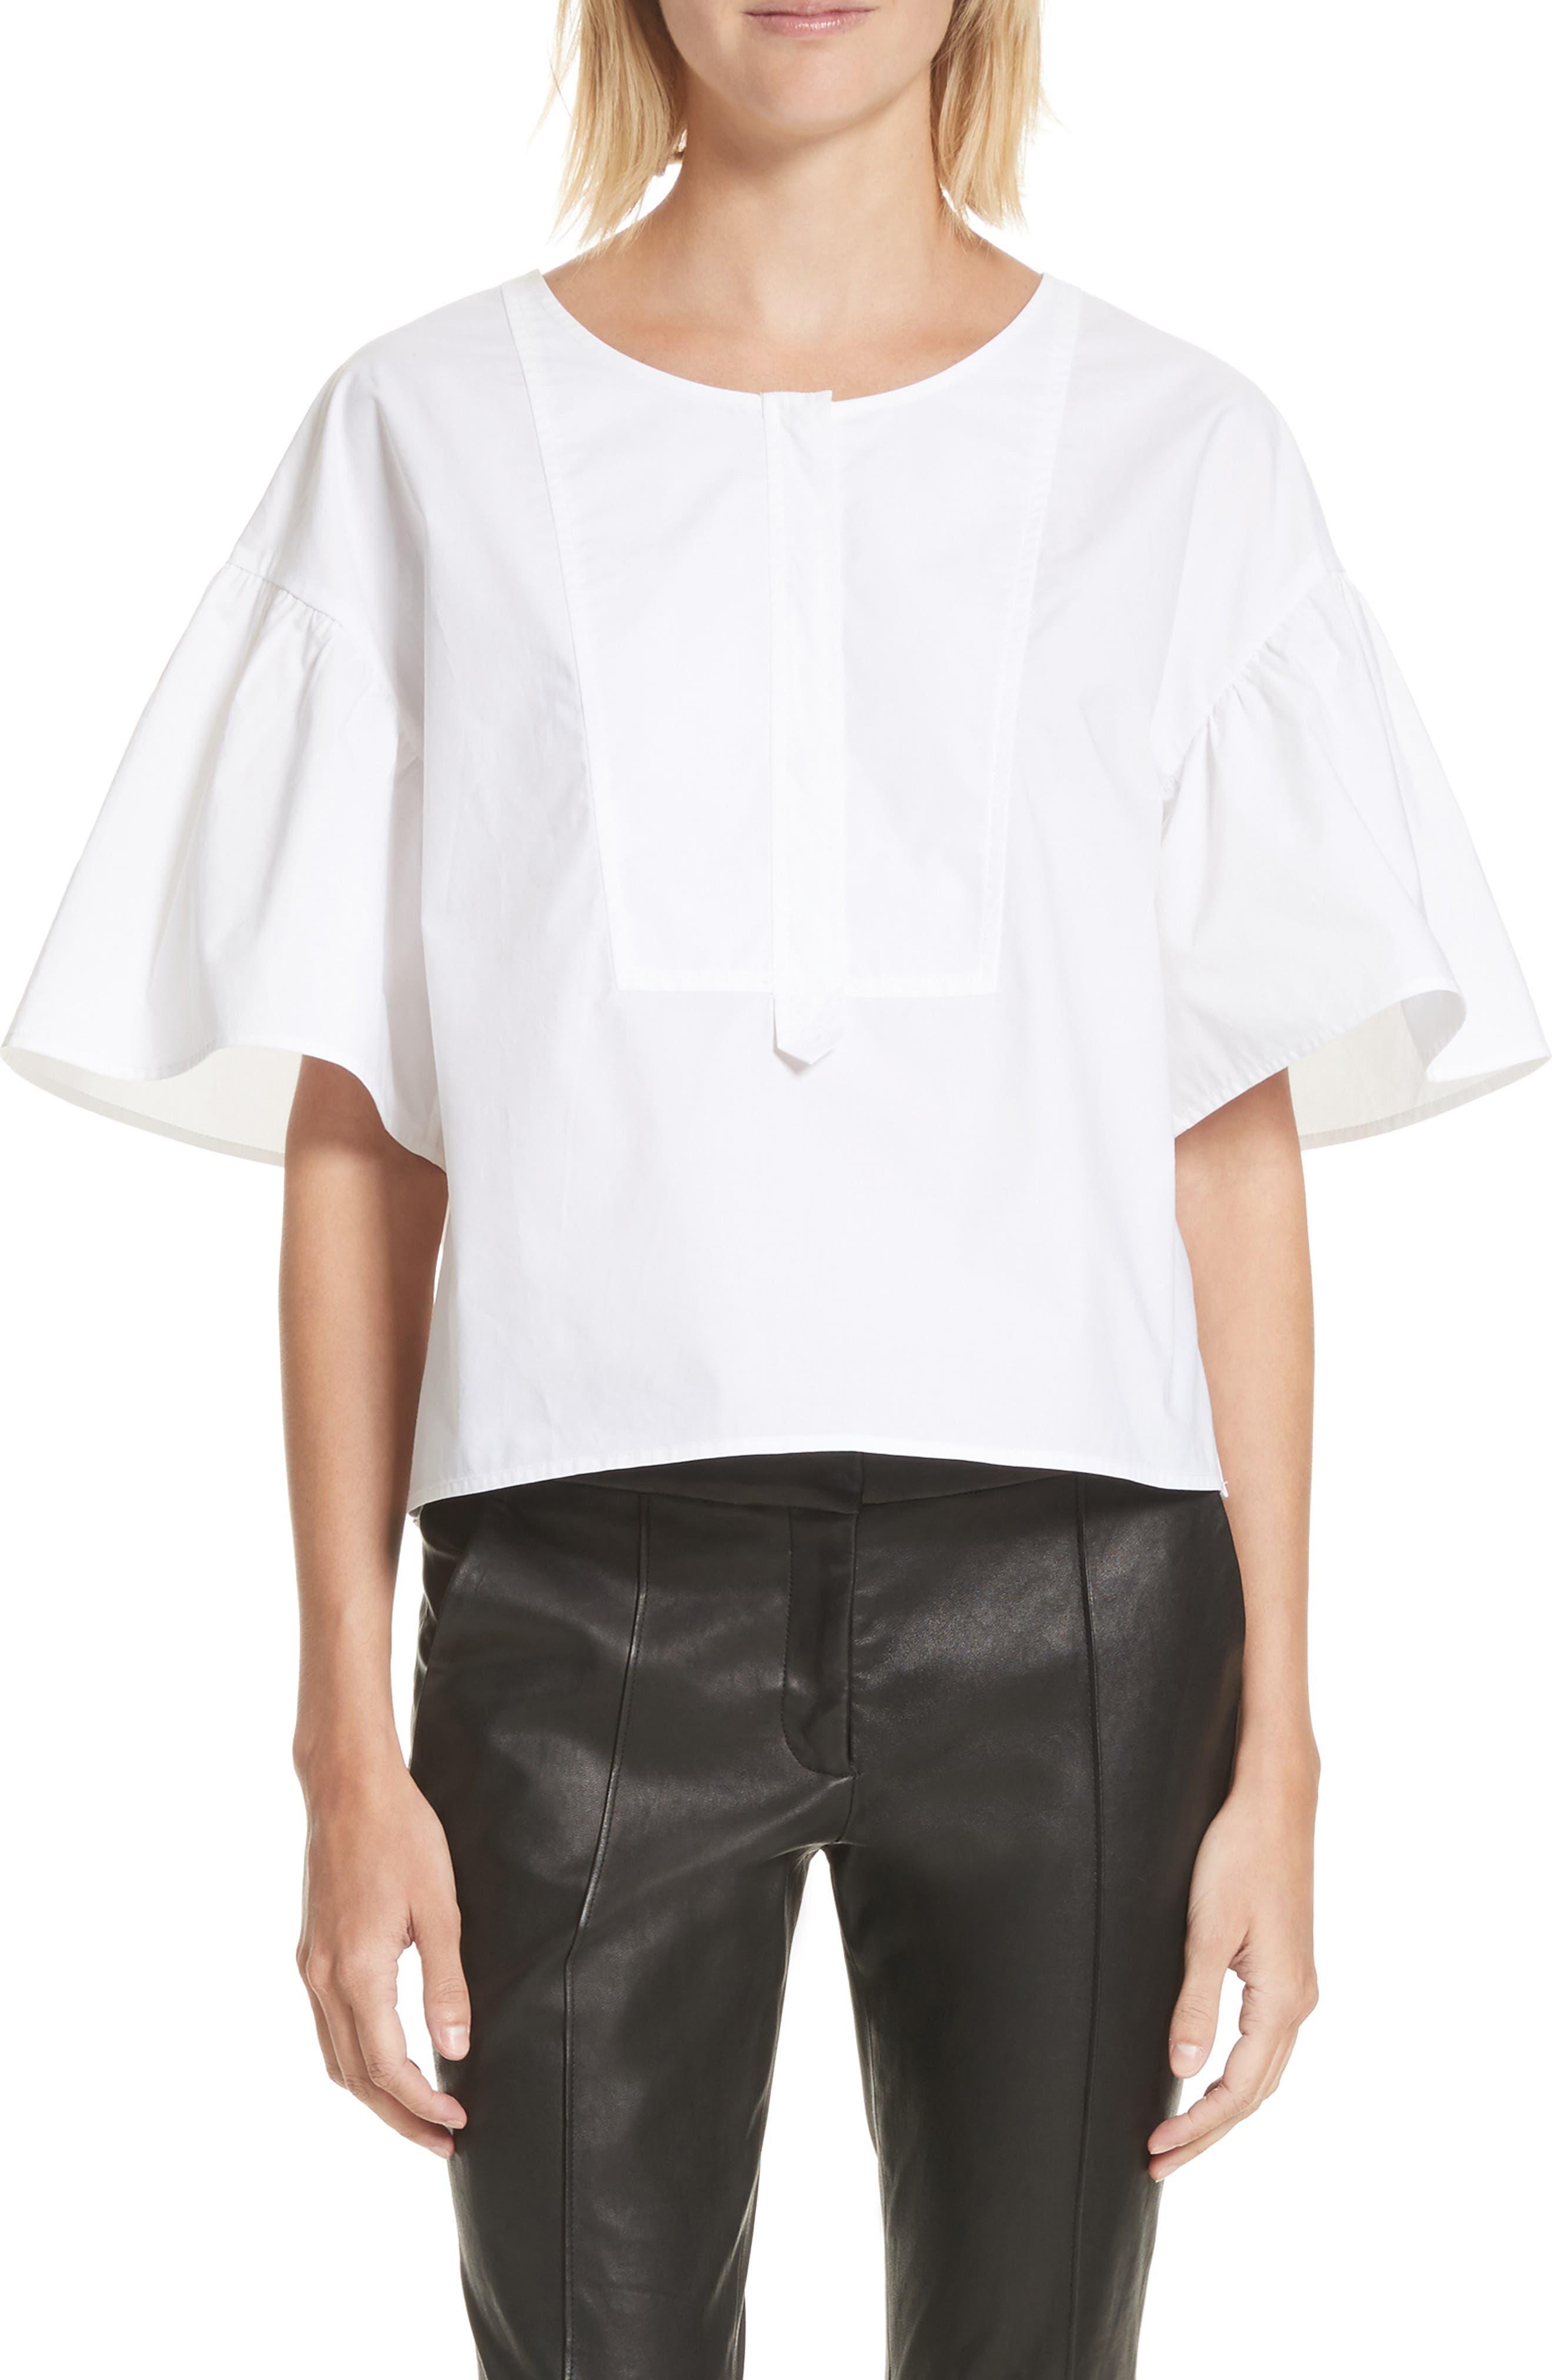 Kyrie Cotton Top,                         Main,                         color,